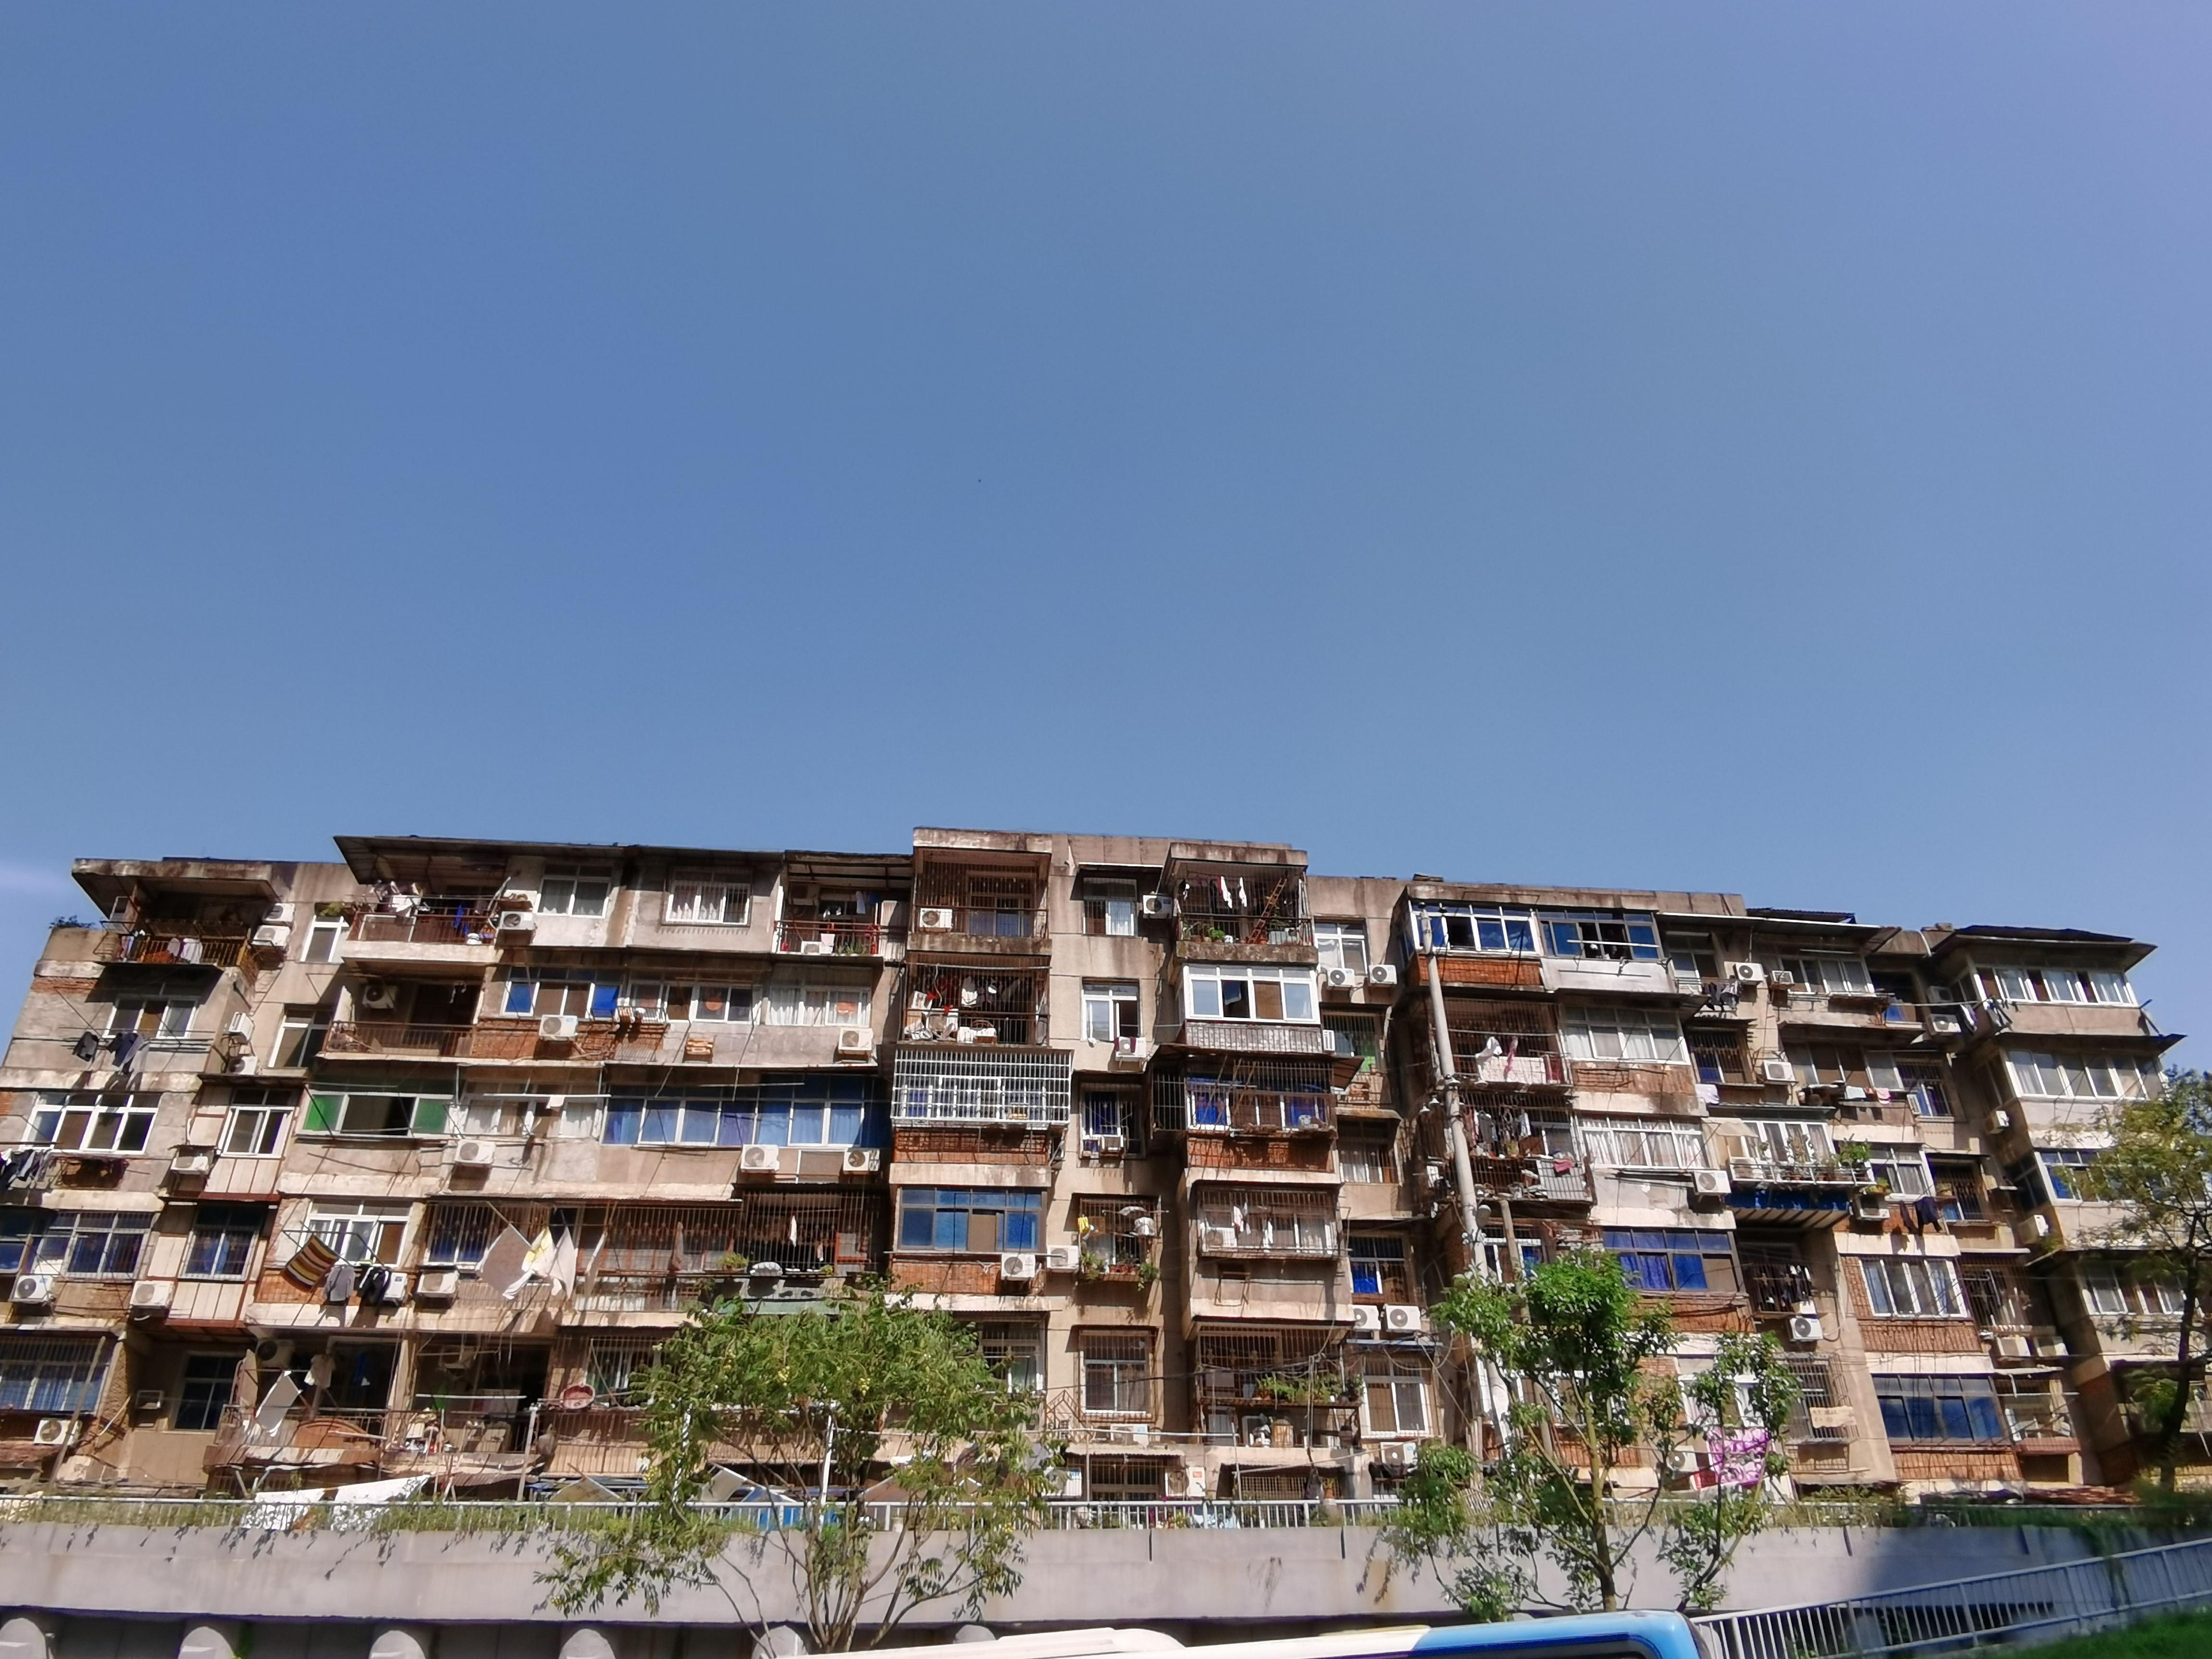 重庆第三产业增加值同比增长12.9% 两年平均增长6.5%